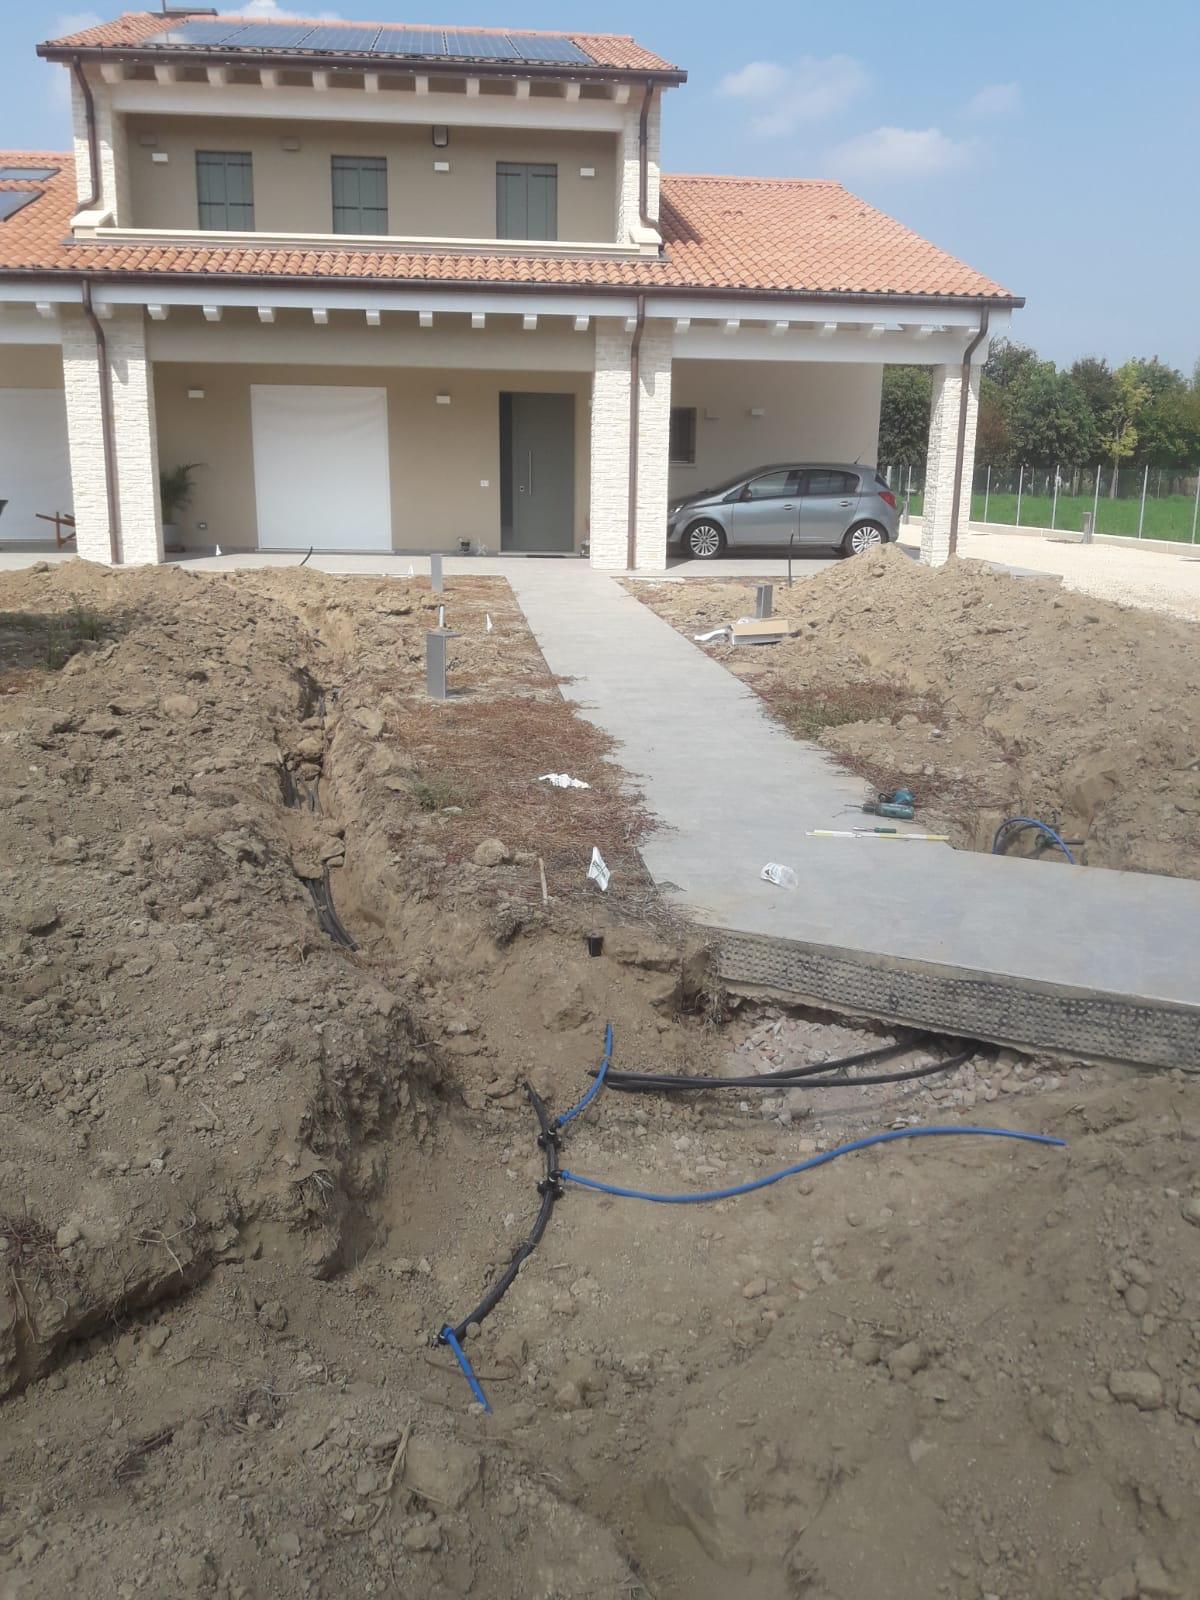 giardino villetta Vivai Pistore